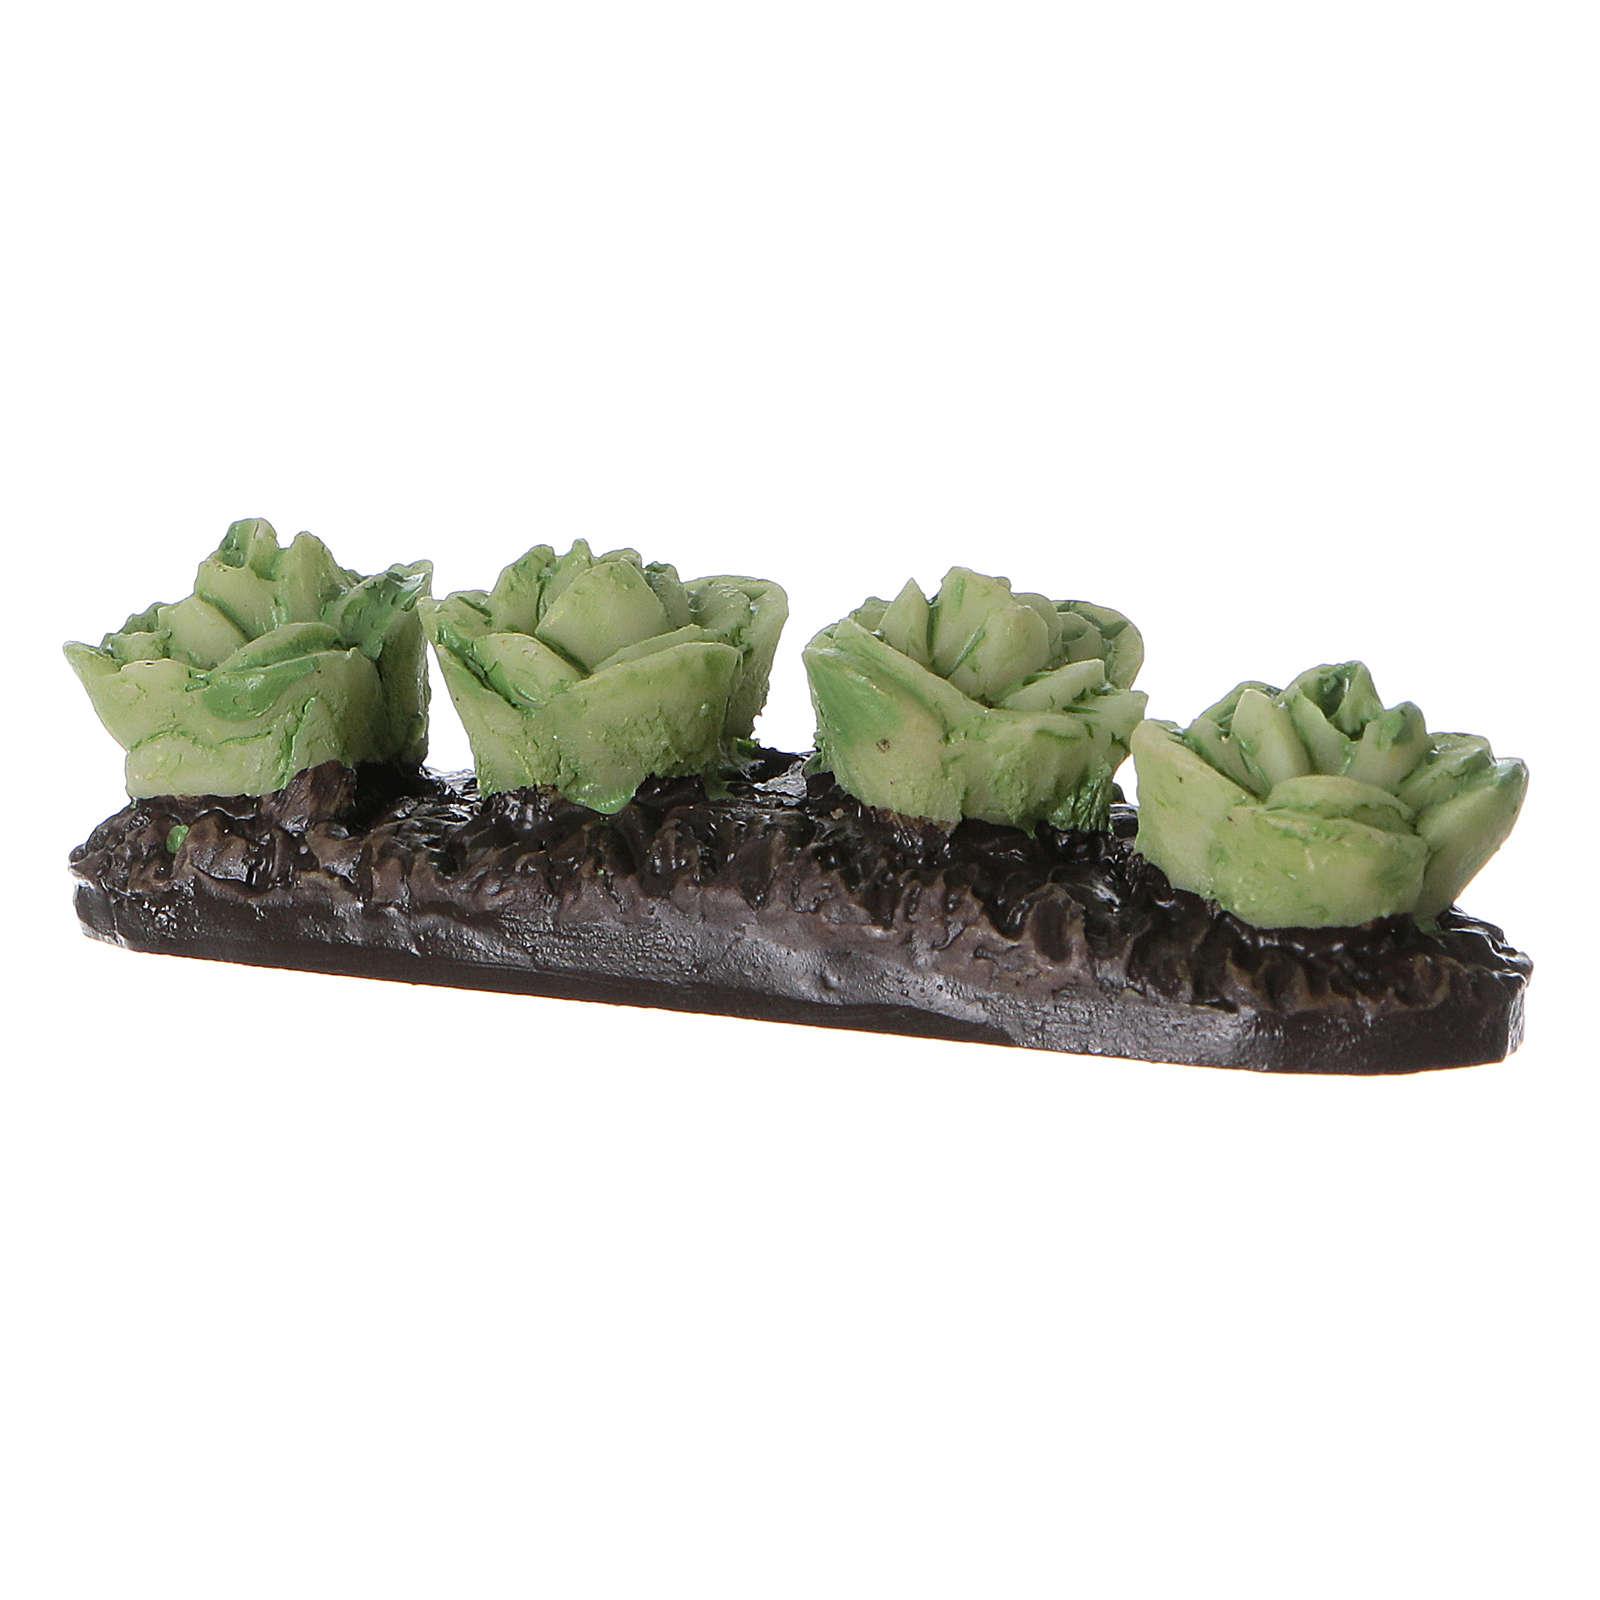 Row of lettuce in resin 5x5x5 cm 4